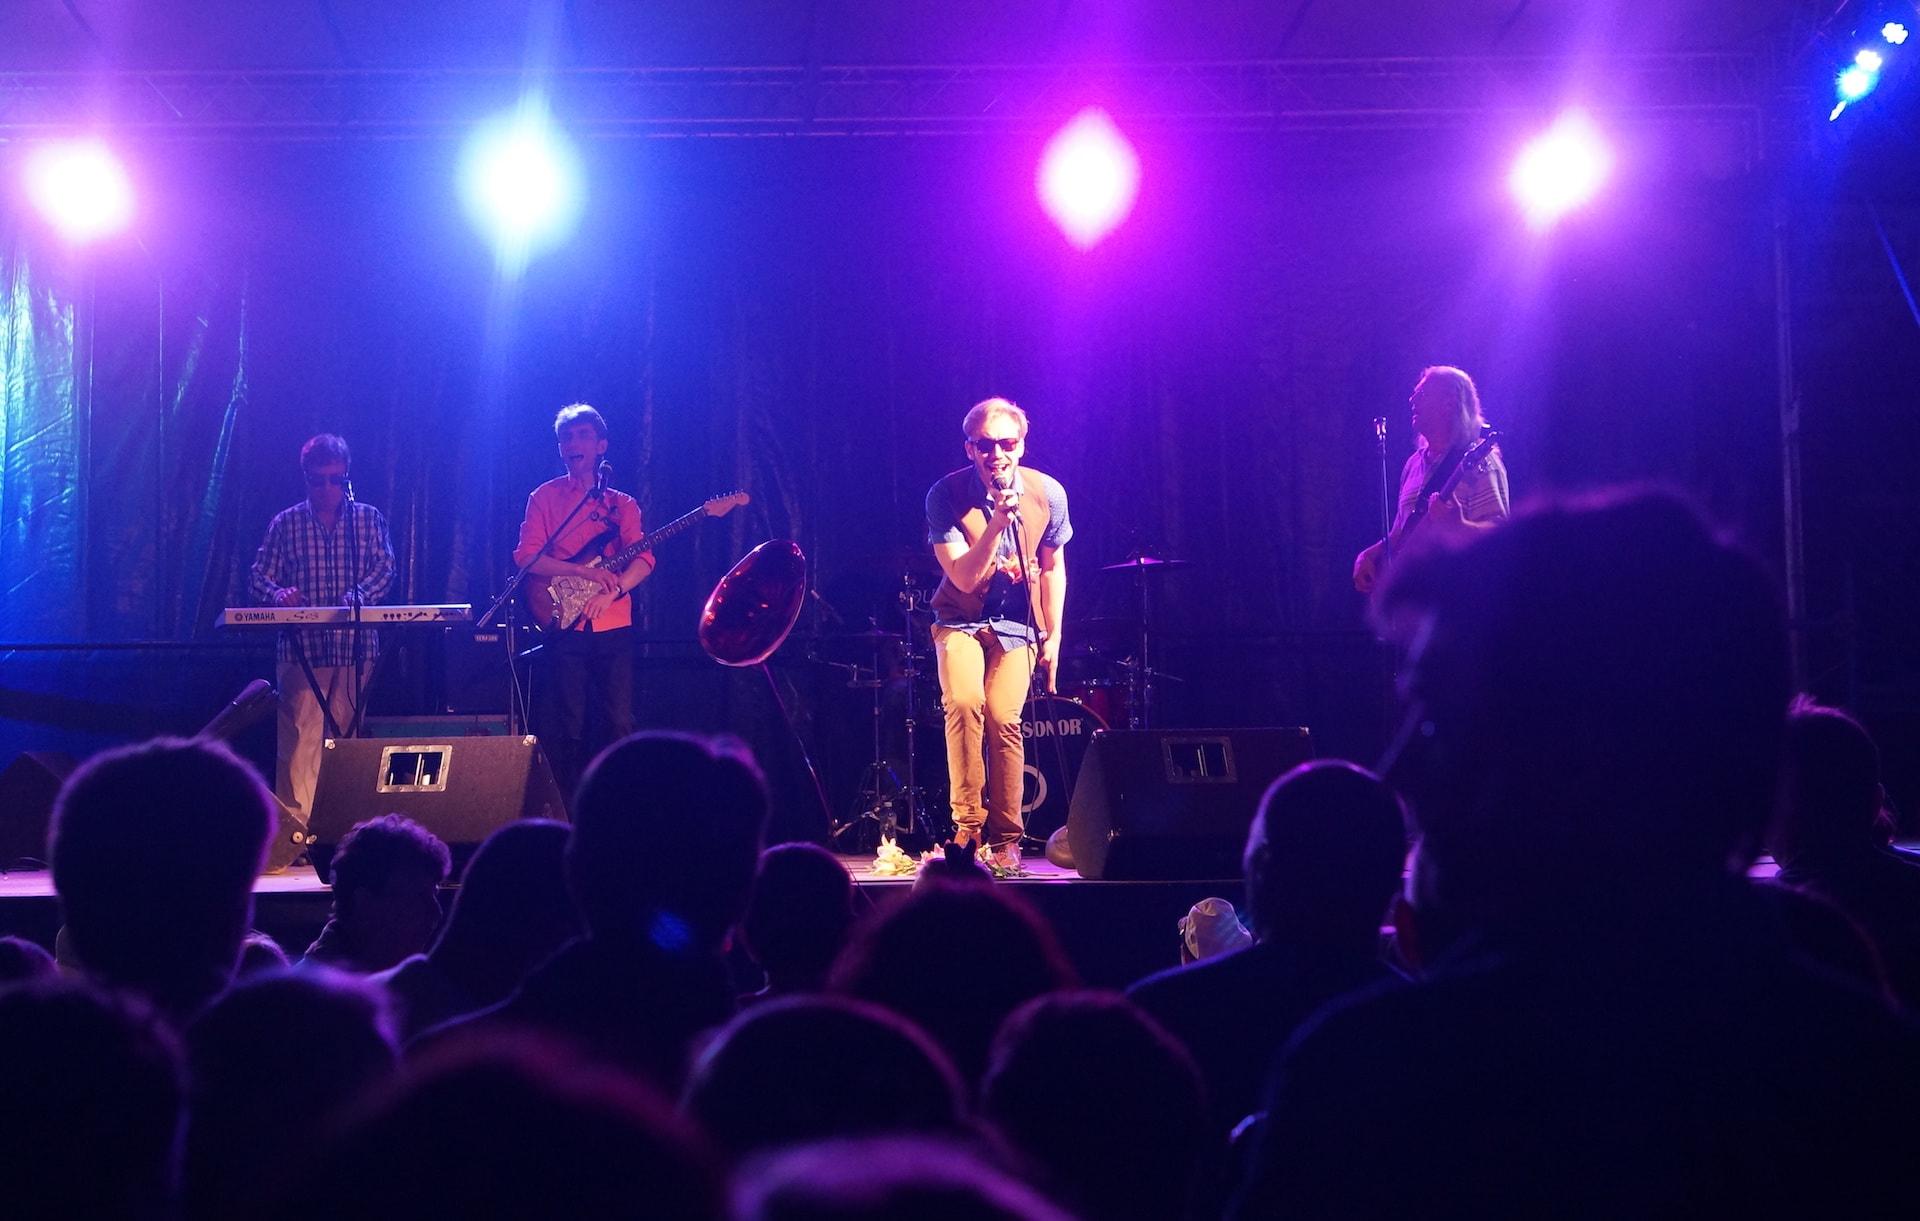 Группа NZ города Тверь выступает на Дне посёлка Максатиха и Максатихинского района